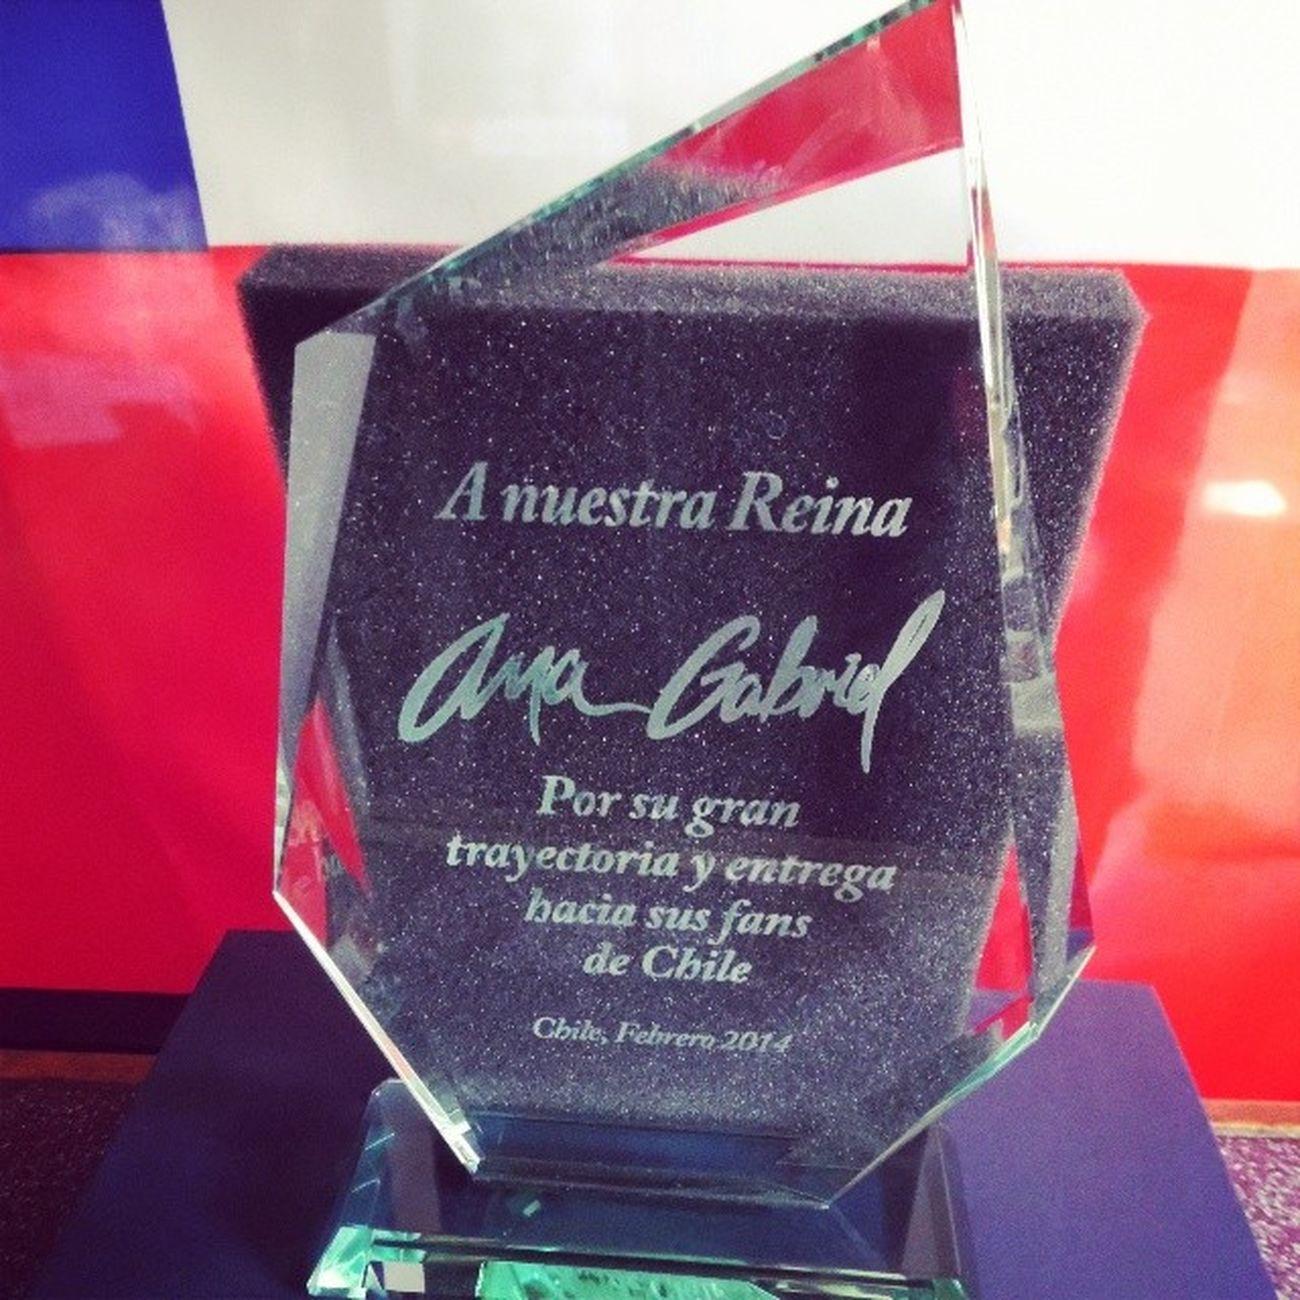 Este es el Galvano que Le  Regale en Nombre de Chile y el Publico de ArenaMonticello a la Reina @anagabrieloficial !!